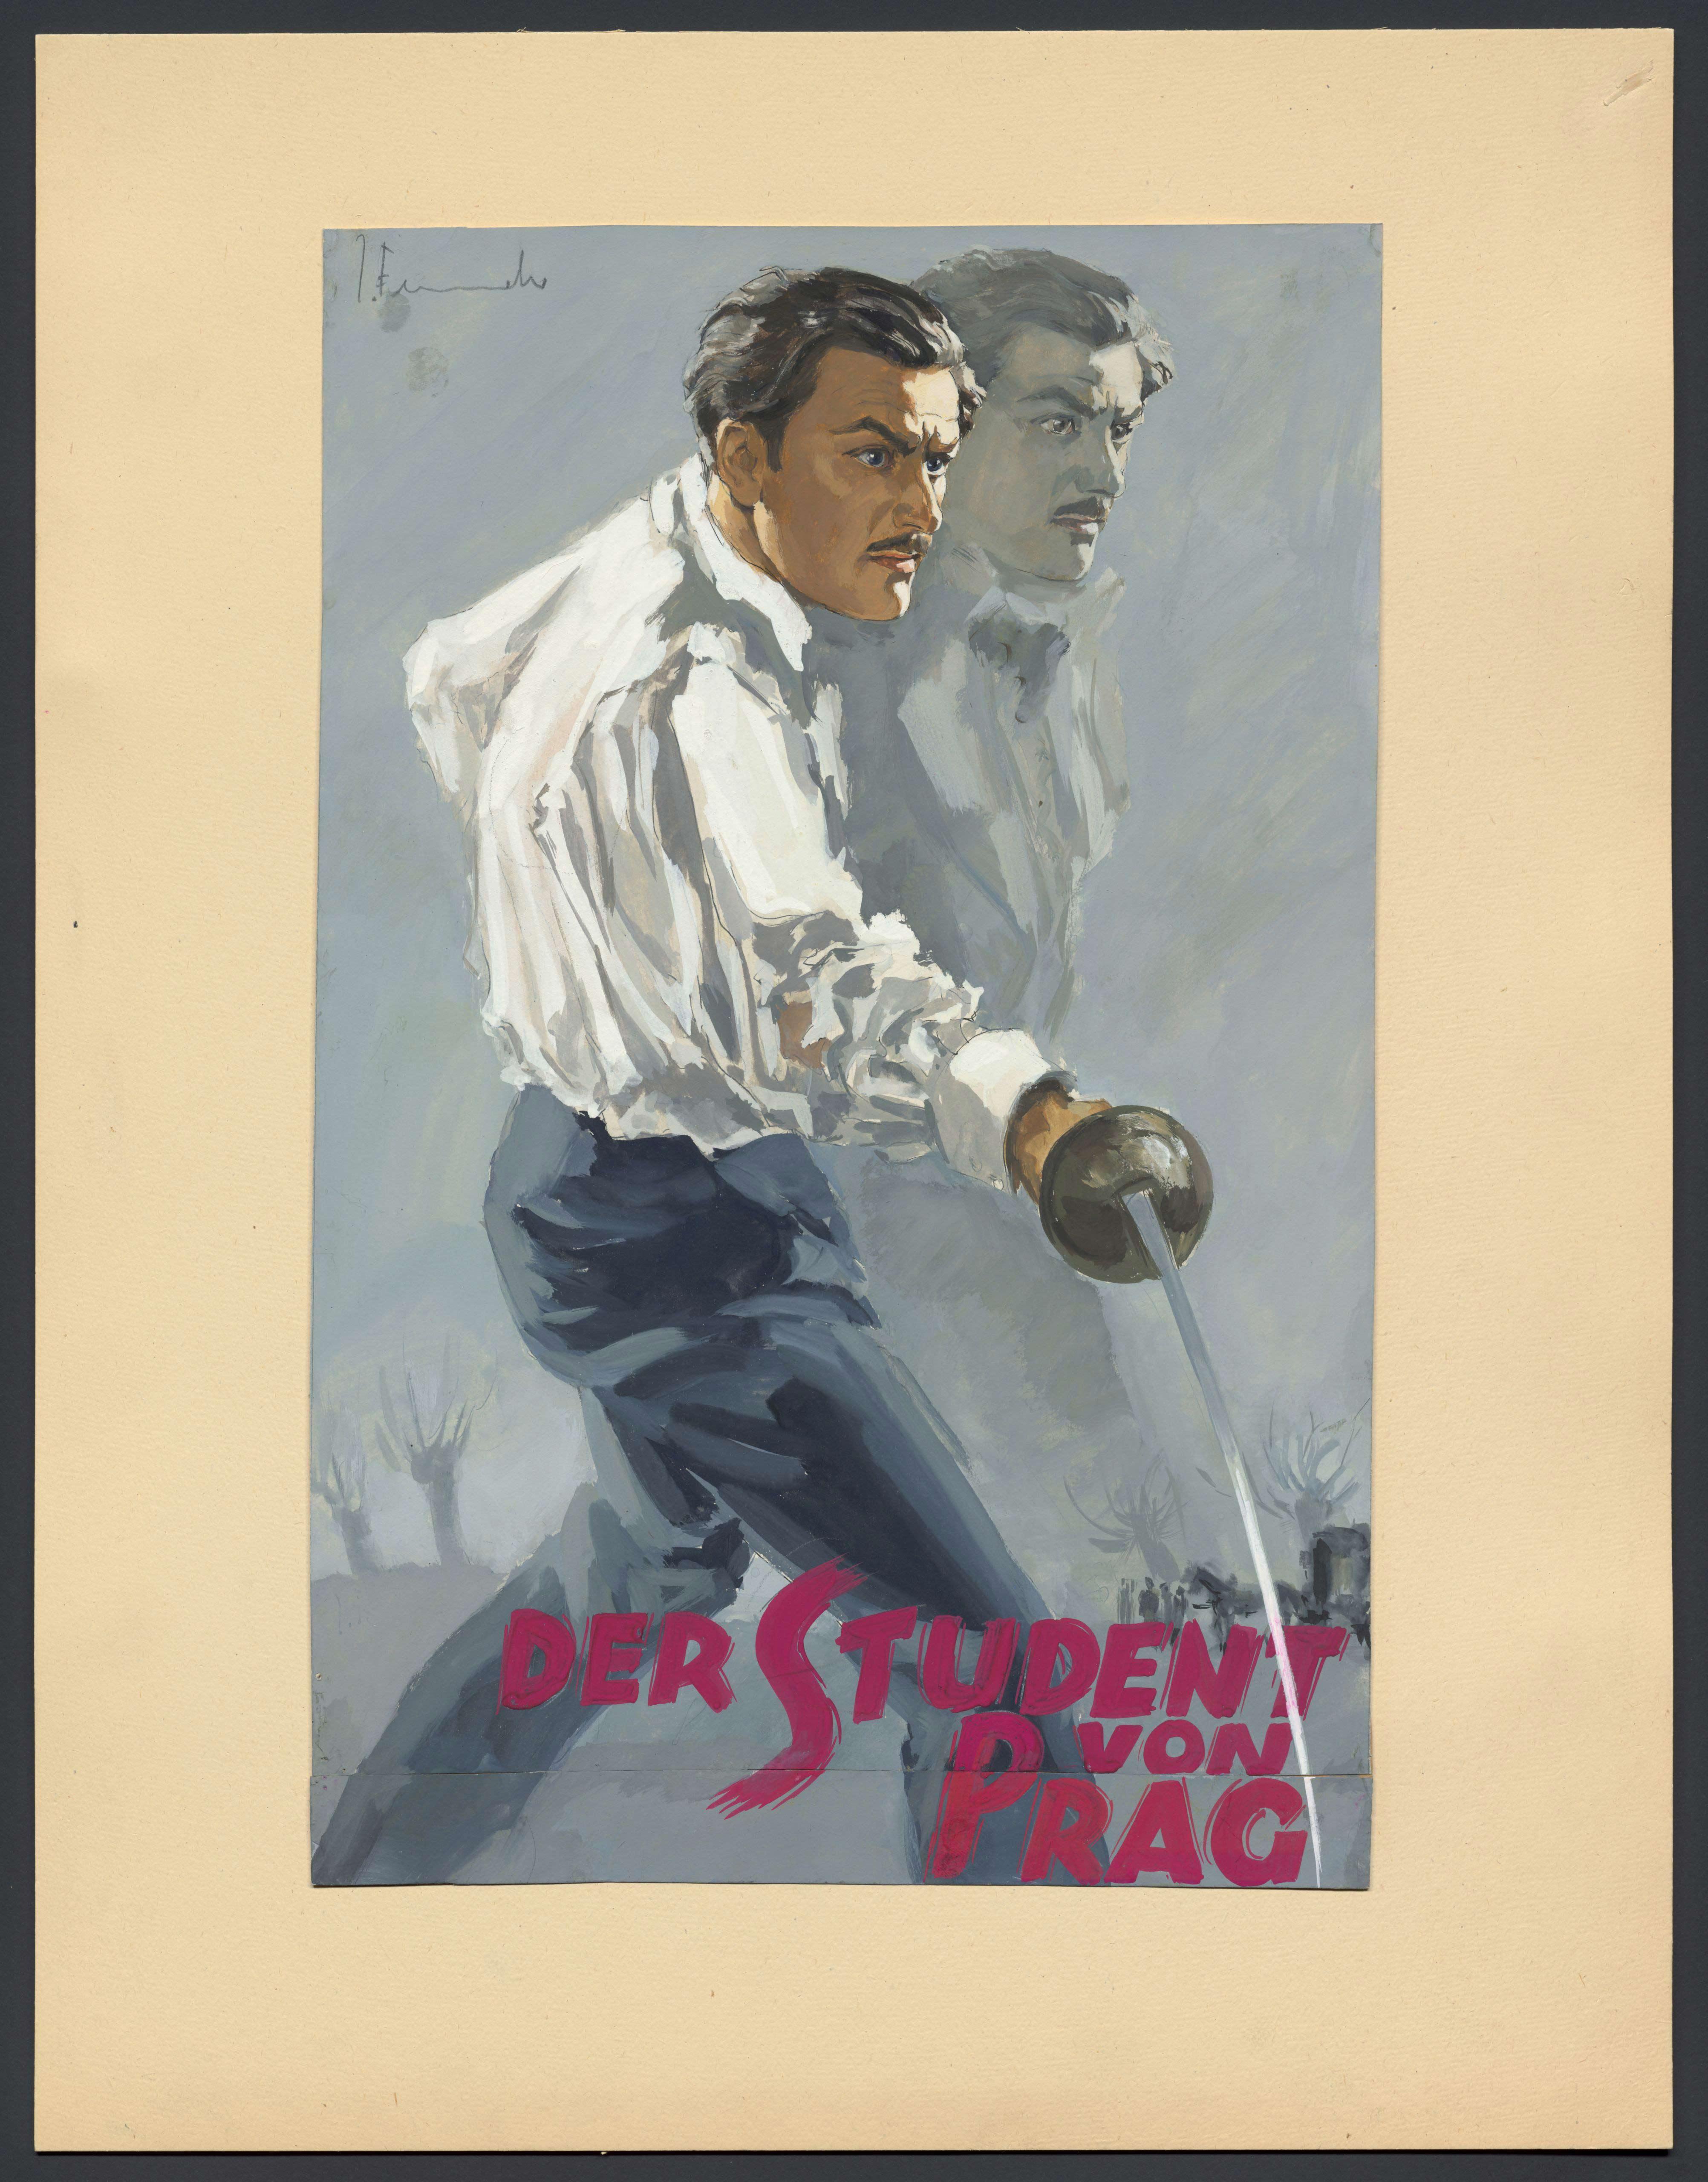 Design by Josef Fenneker: Der Student von Prag, Germany 1935, directed by Artur Robison